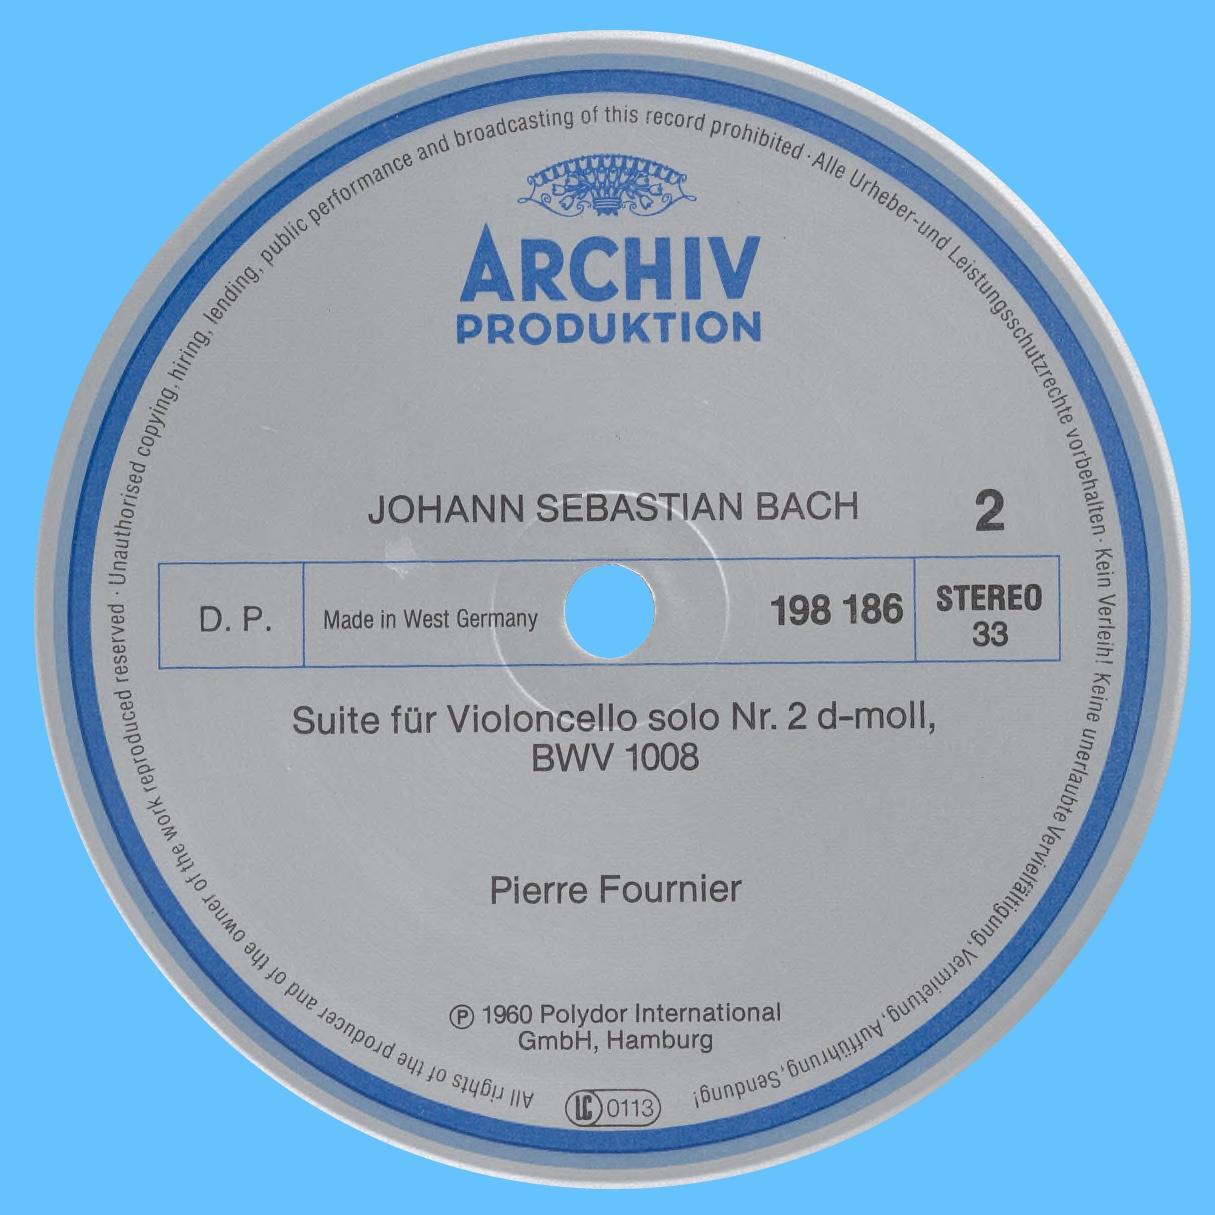 Étiquette verso du disque Archiv Produktion SAPM 198 186